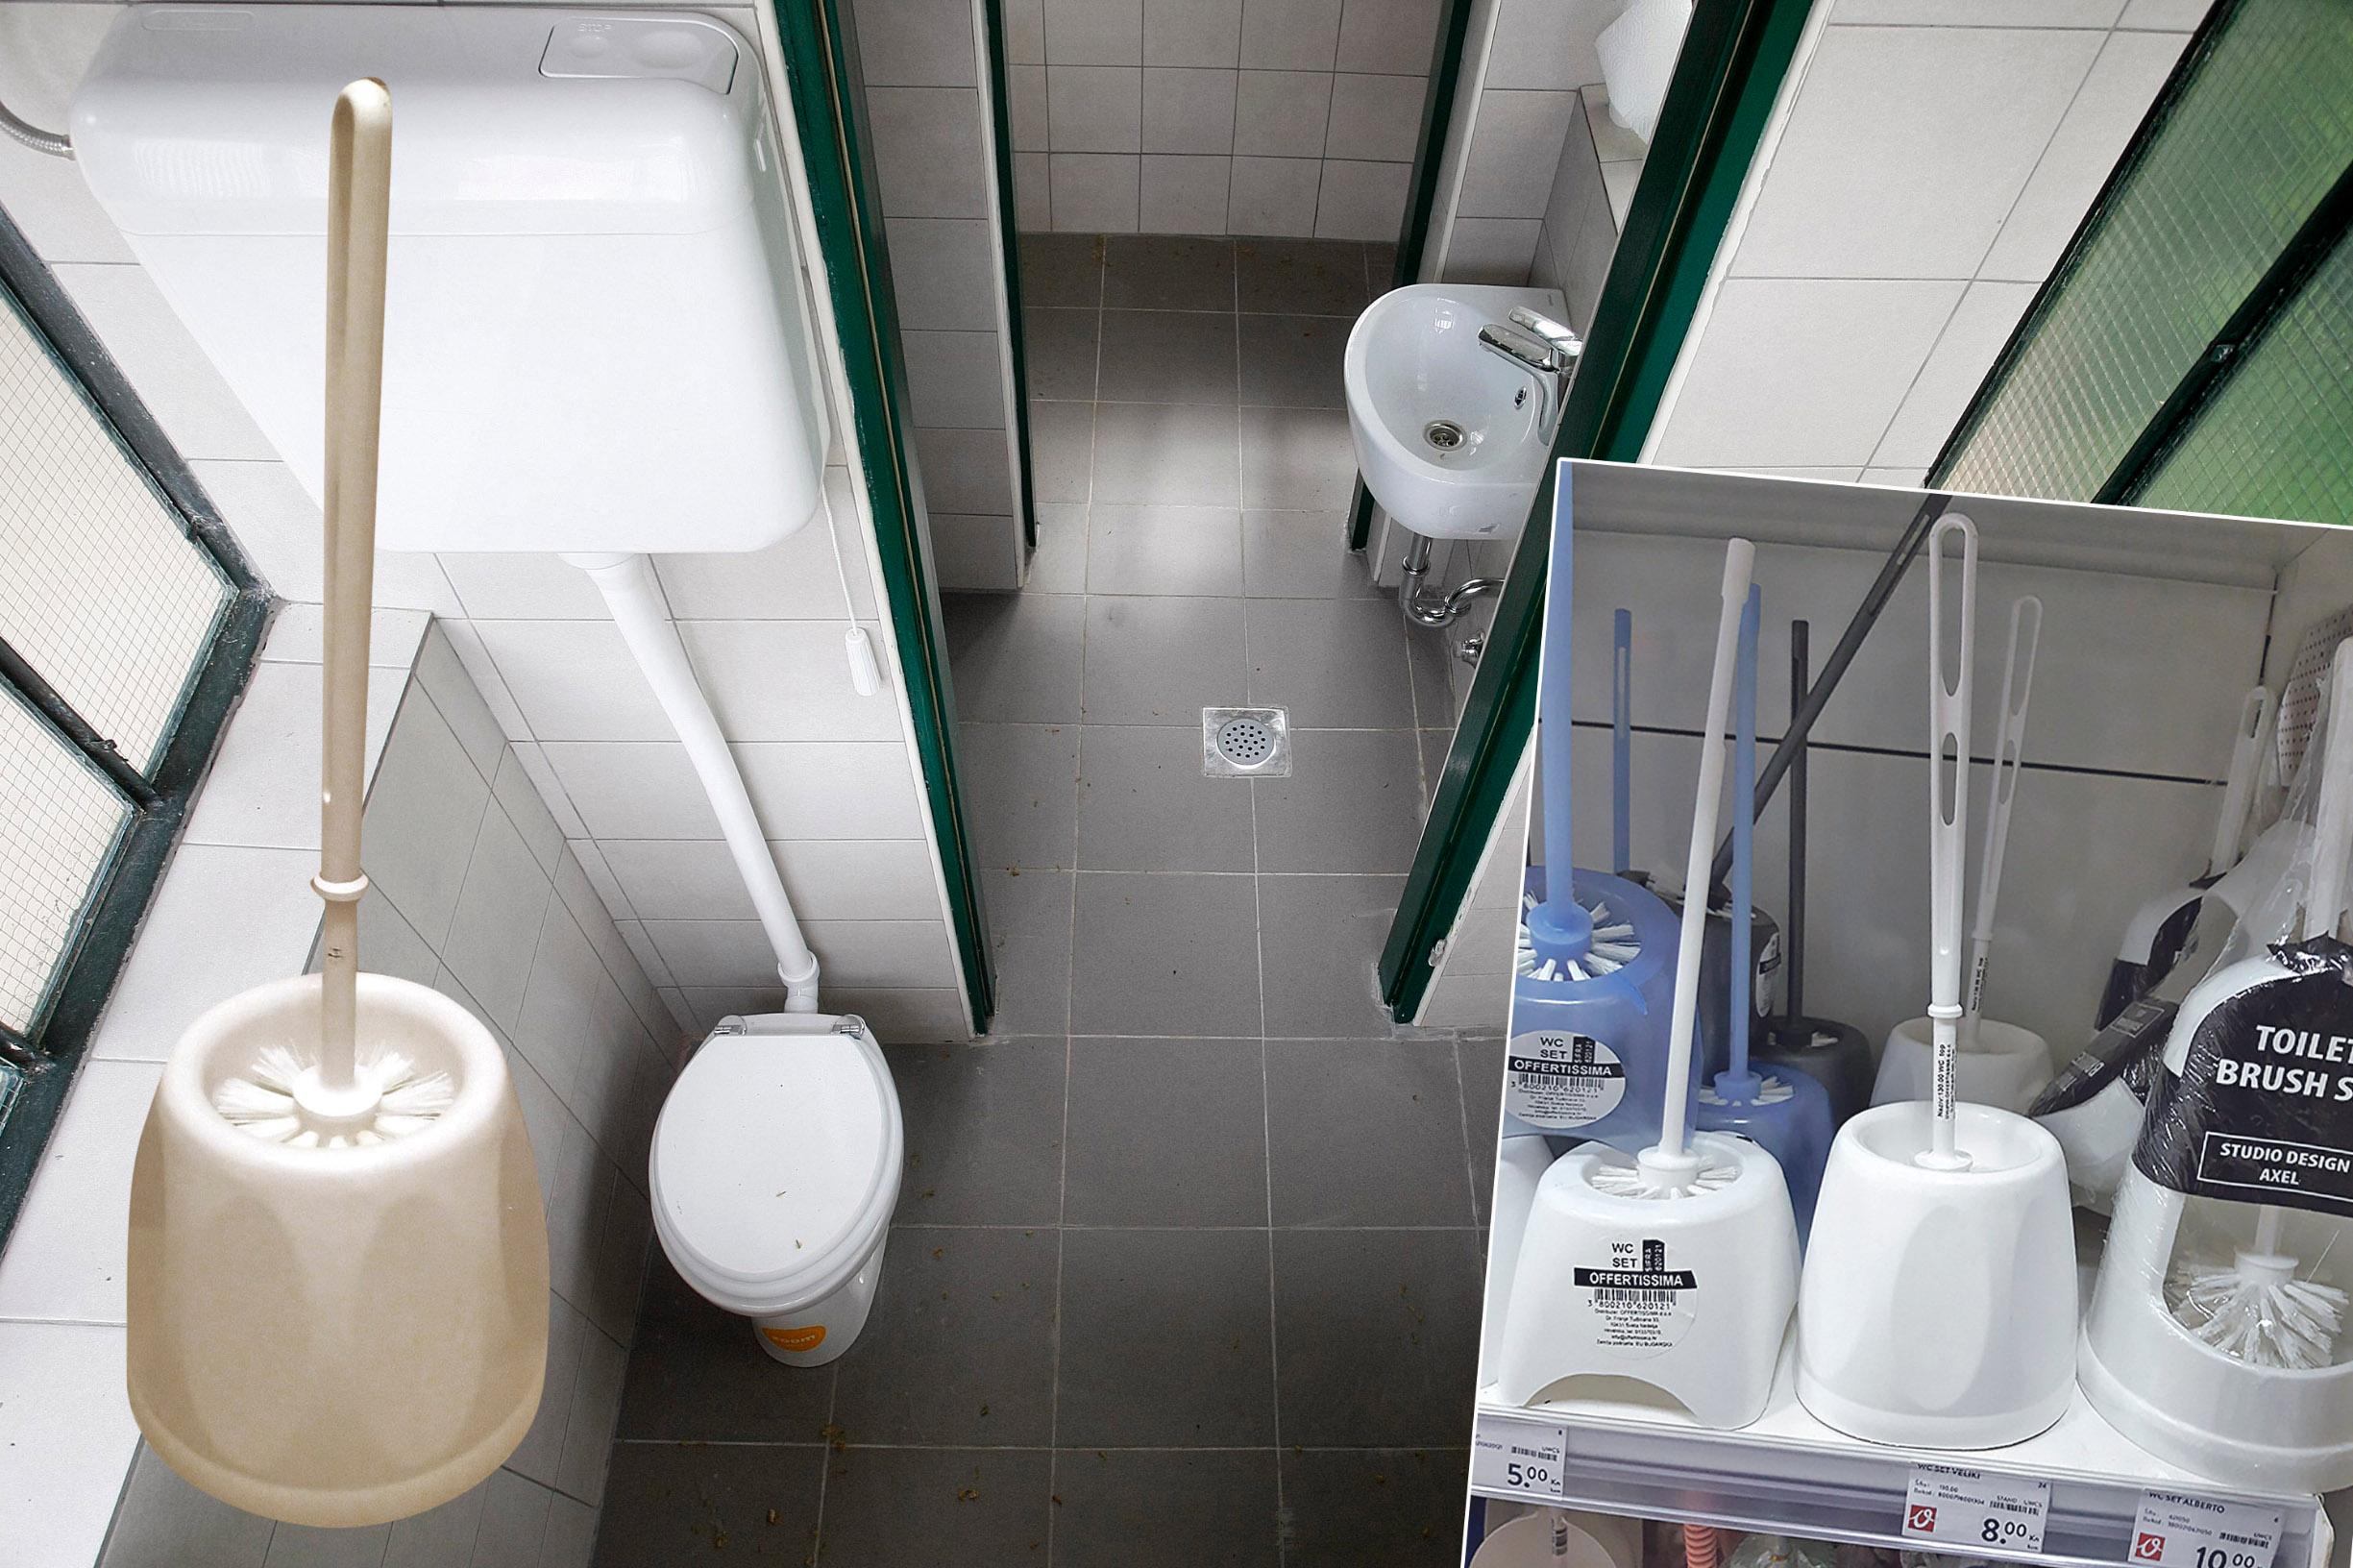 Ilustracija sanitarnog čvora (glavna fotografija), WC četka postavljena u Trnjanskoj Savici (lijevo), WC četke koje stoje 8 kuna u dućanu